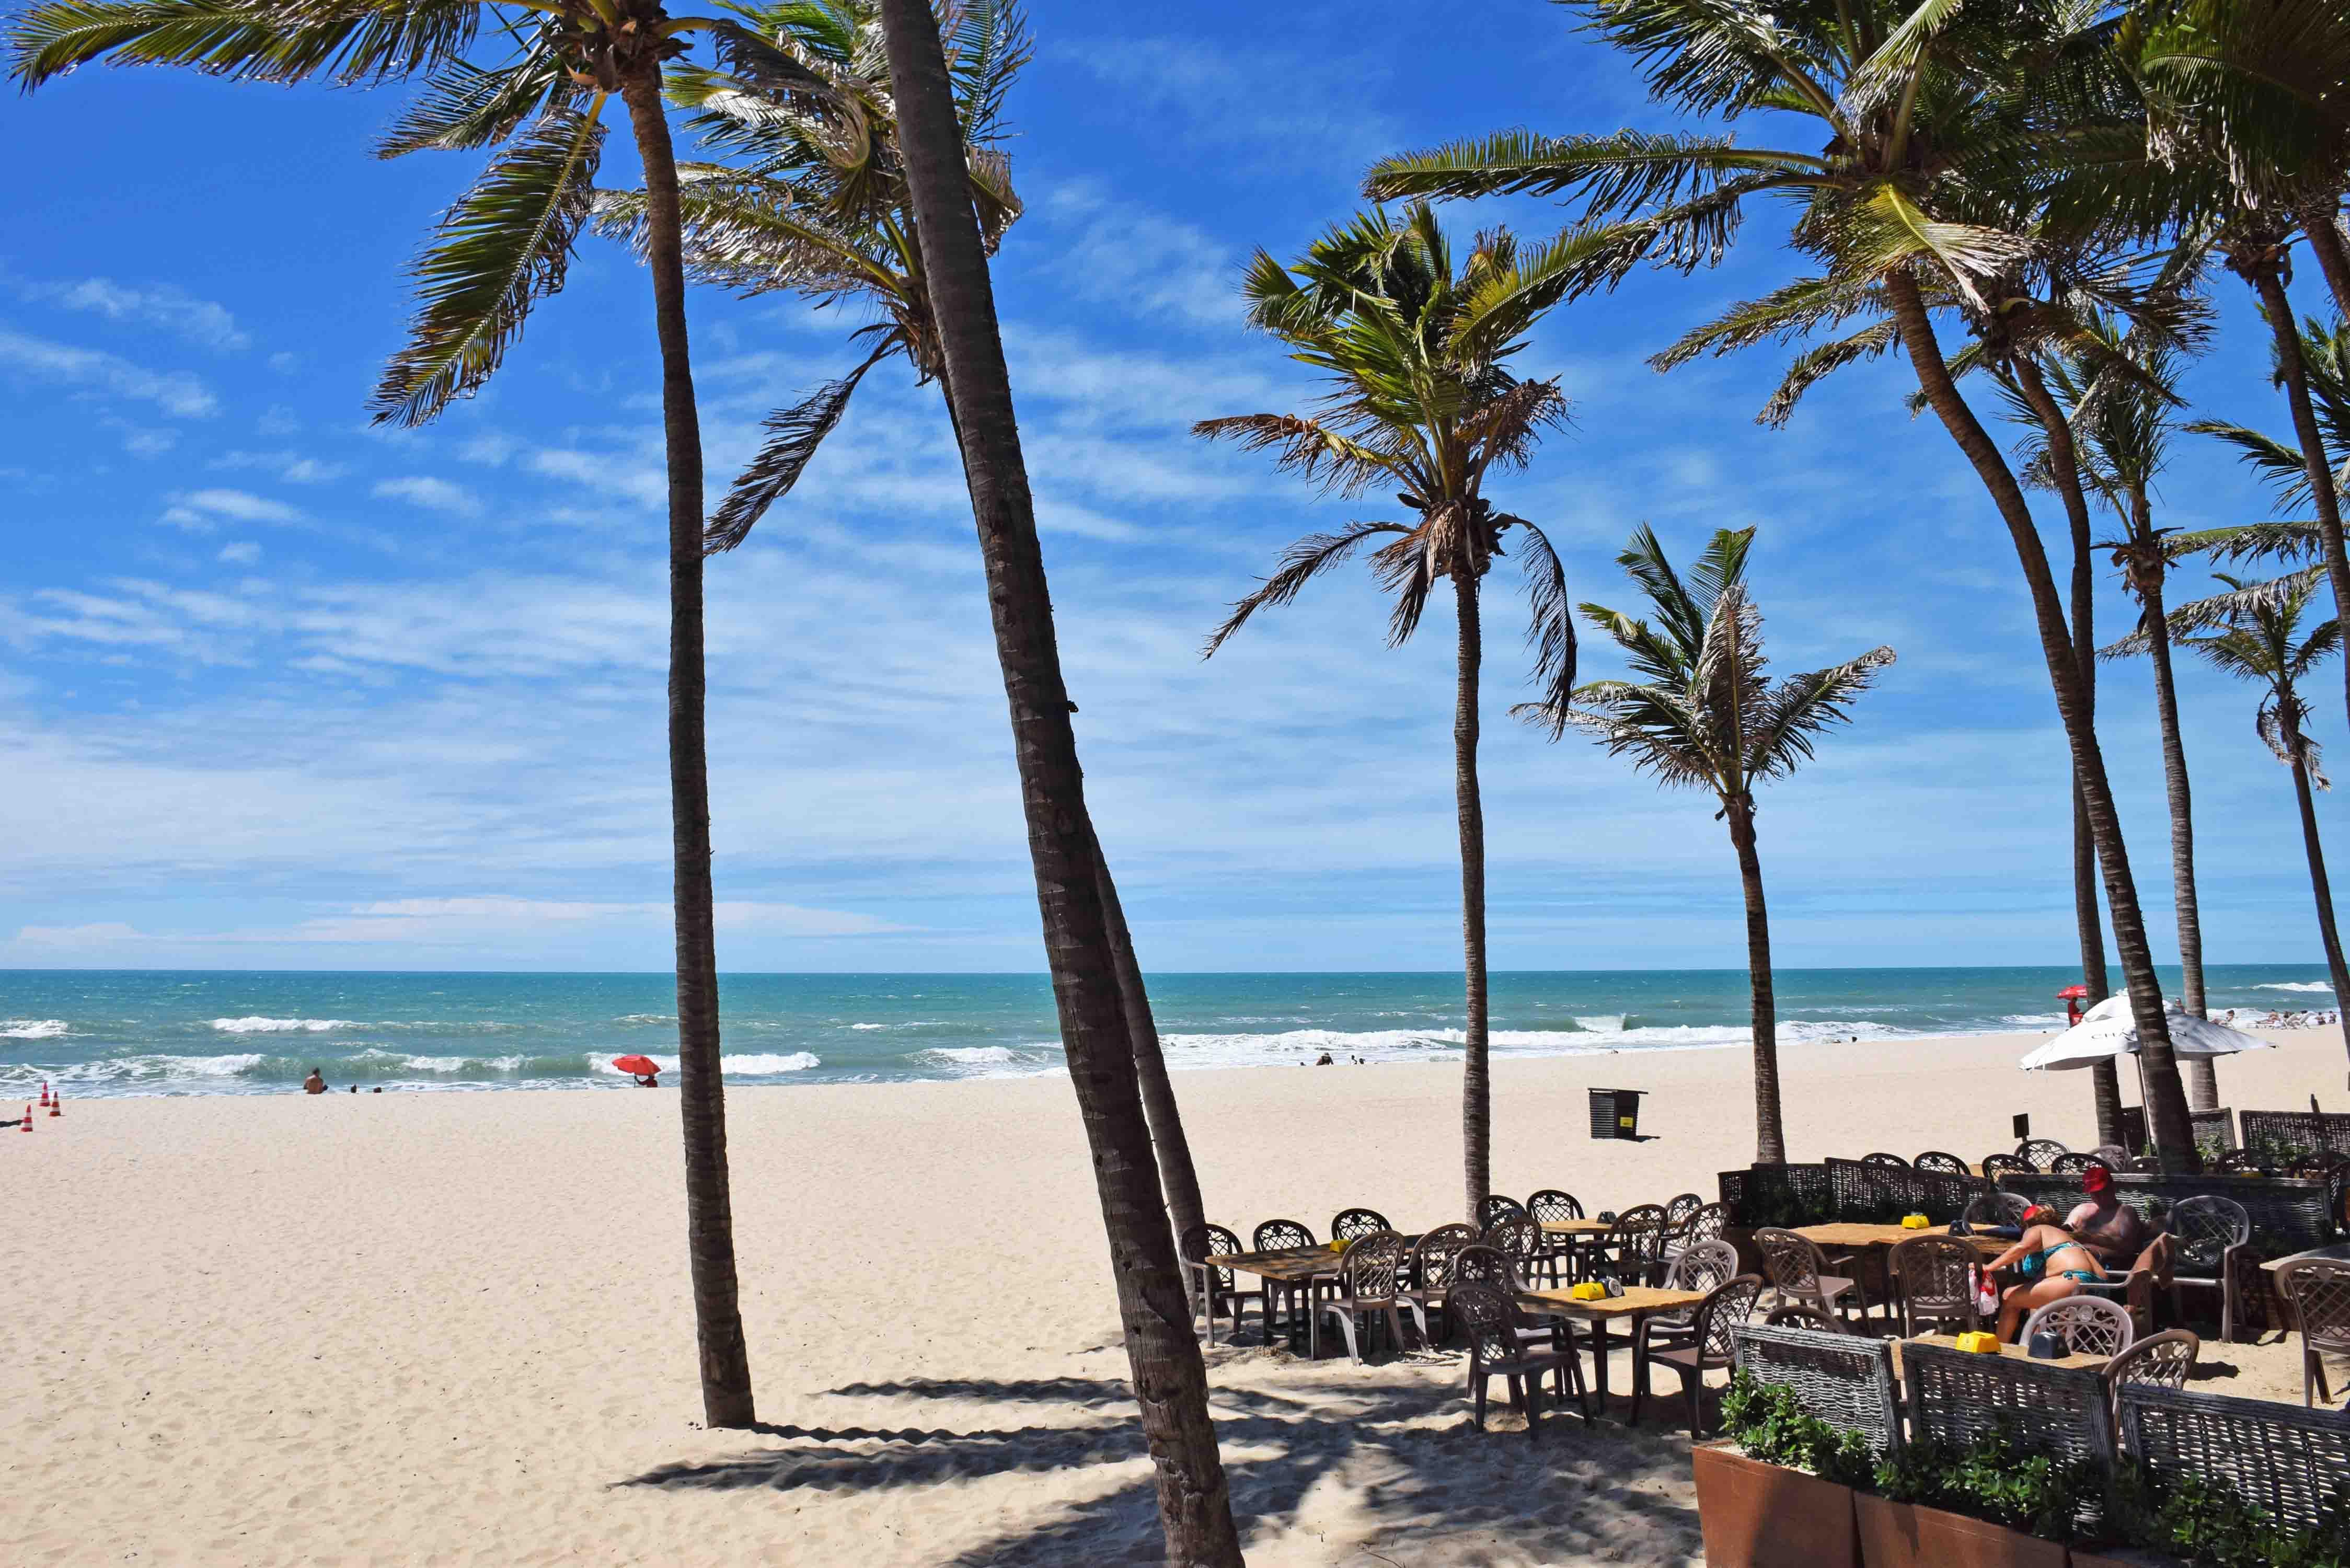 dicas de fortaleza - beach park - praia restaurante barraca parque